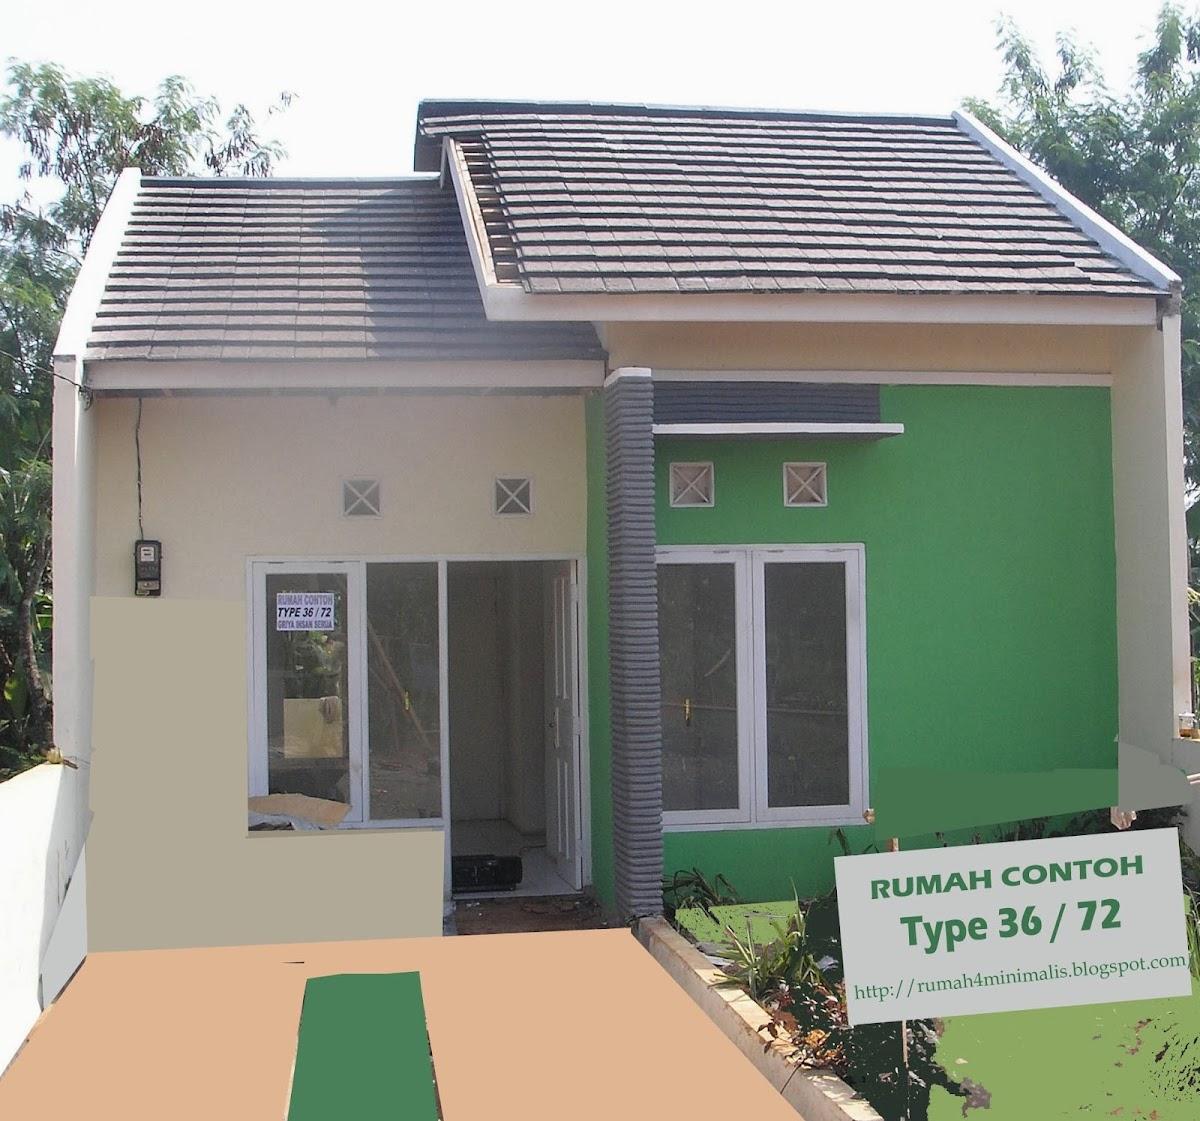 Contoh Rumah Minimalis 2014 Type 36